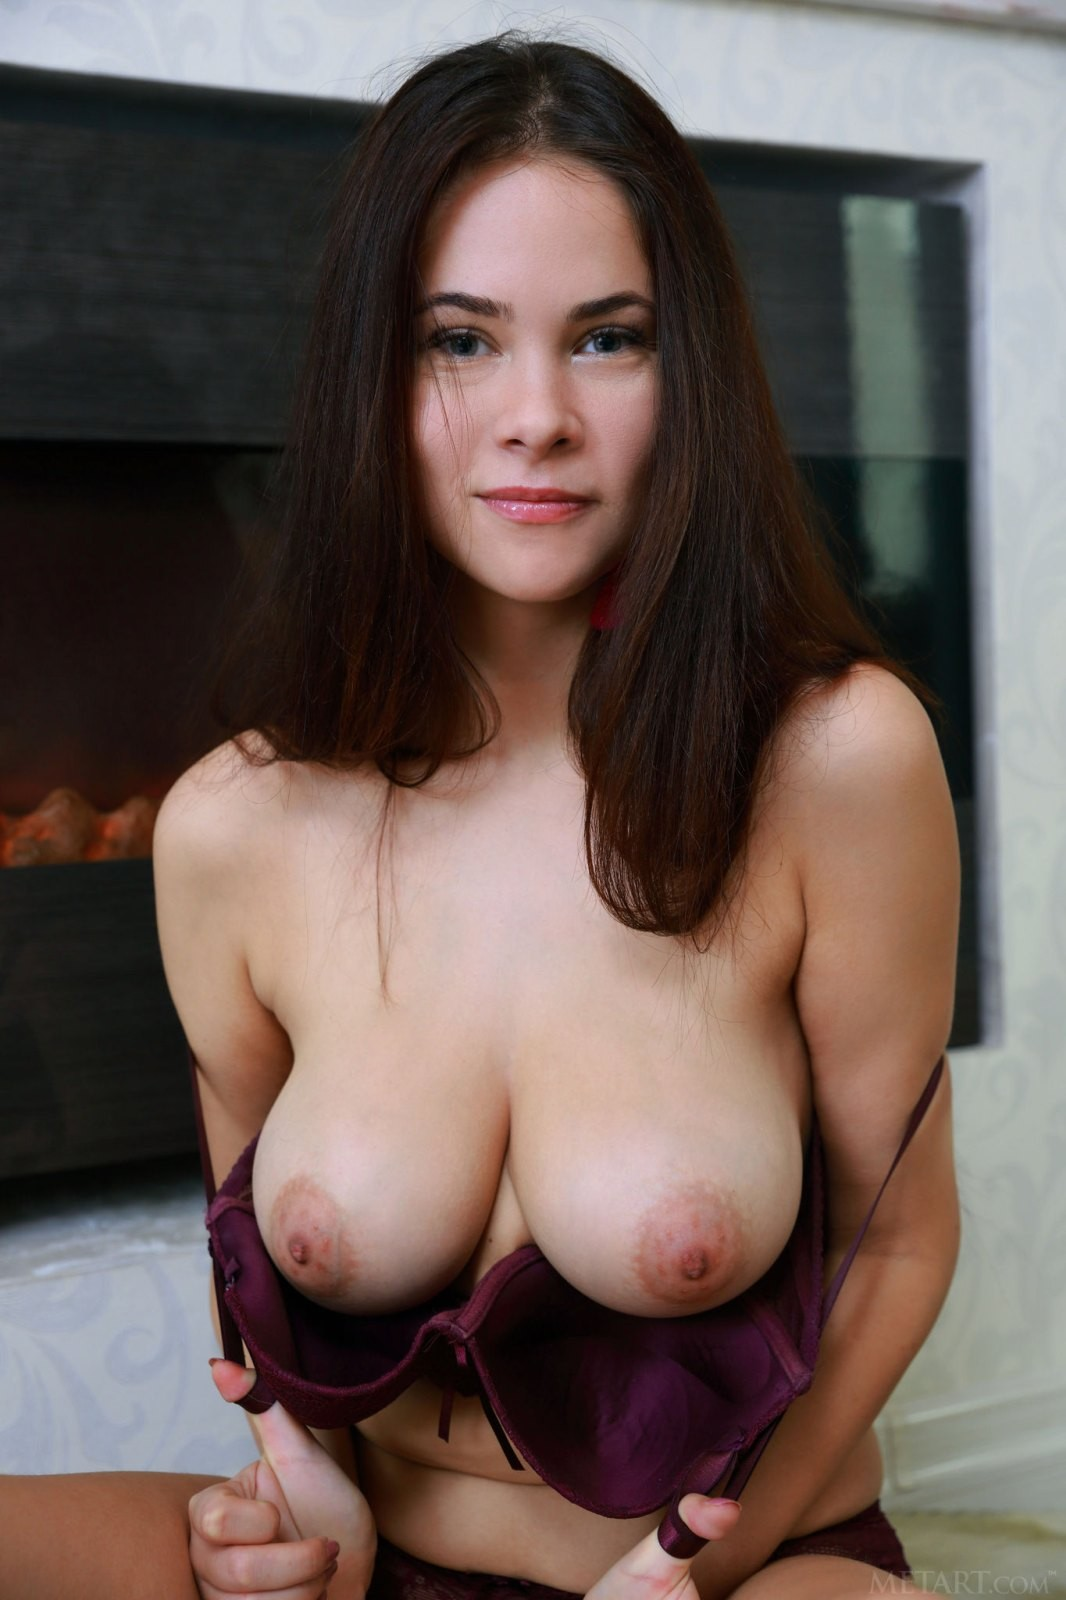 Милашка с огромными дойками - фото